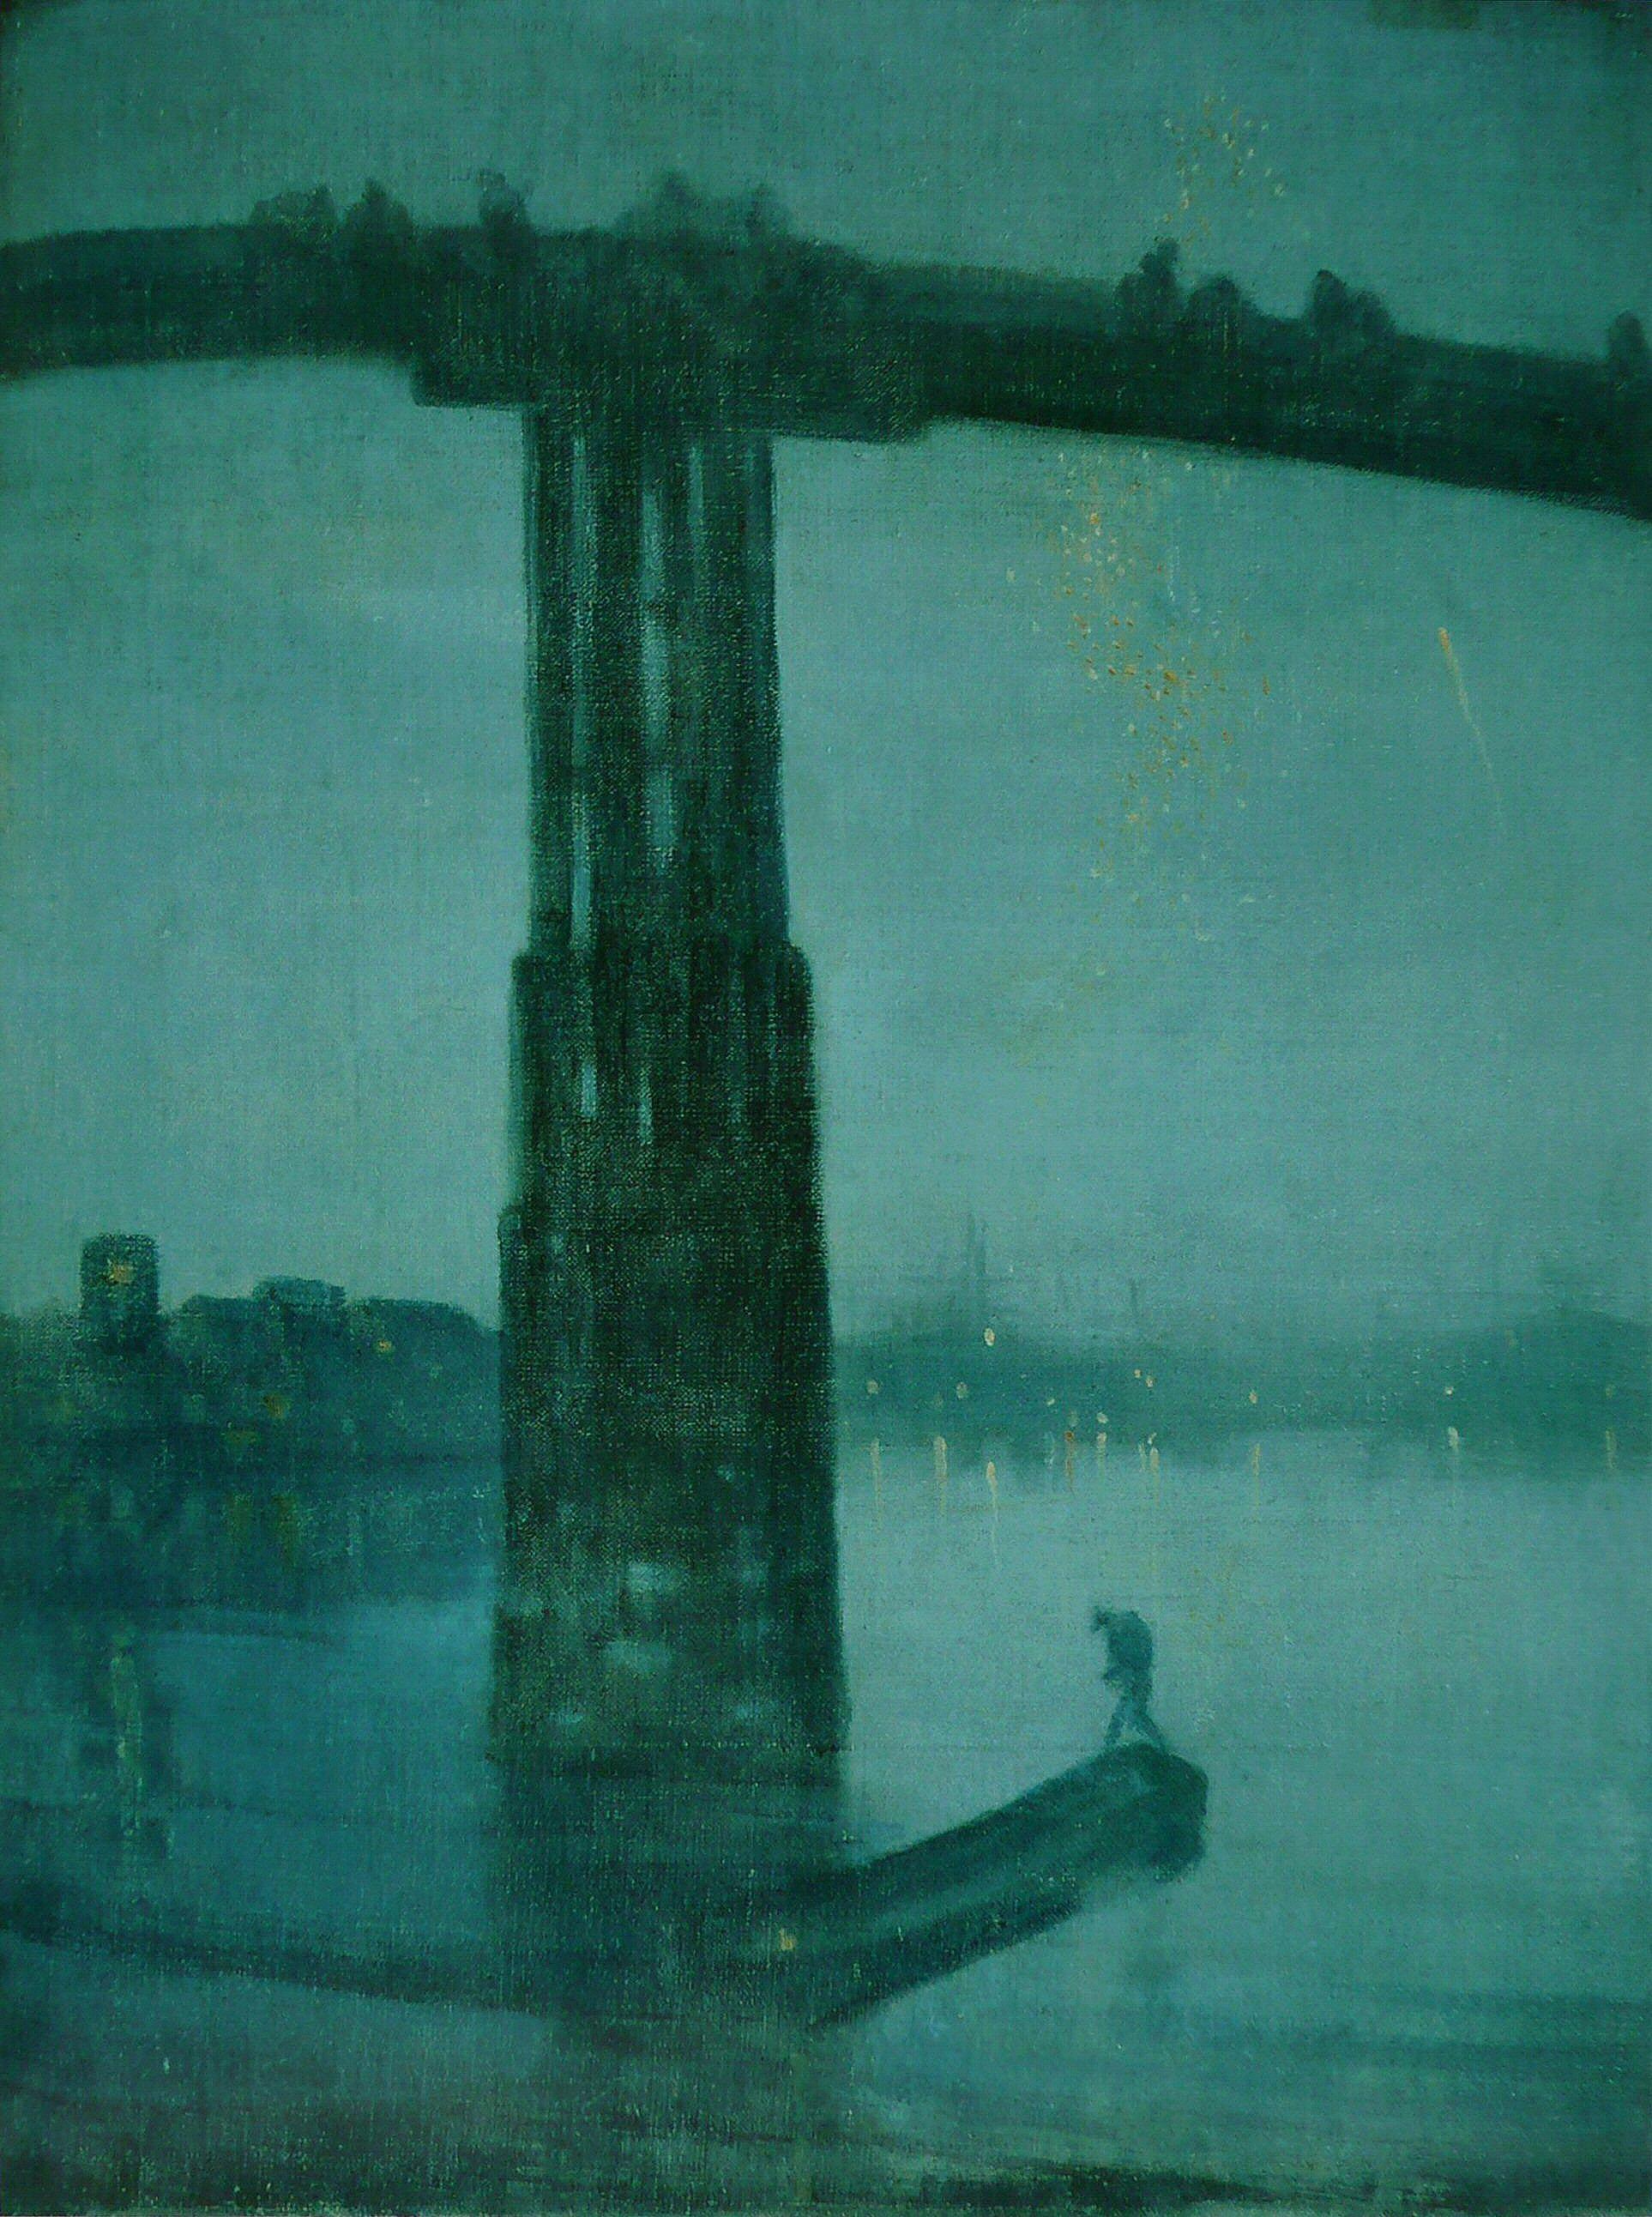 James McNeill Whistler - Nocturne en bleu et or.jpg